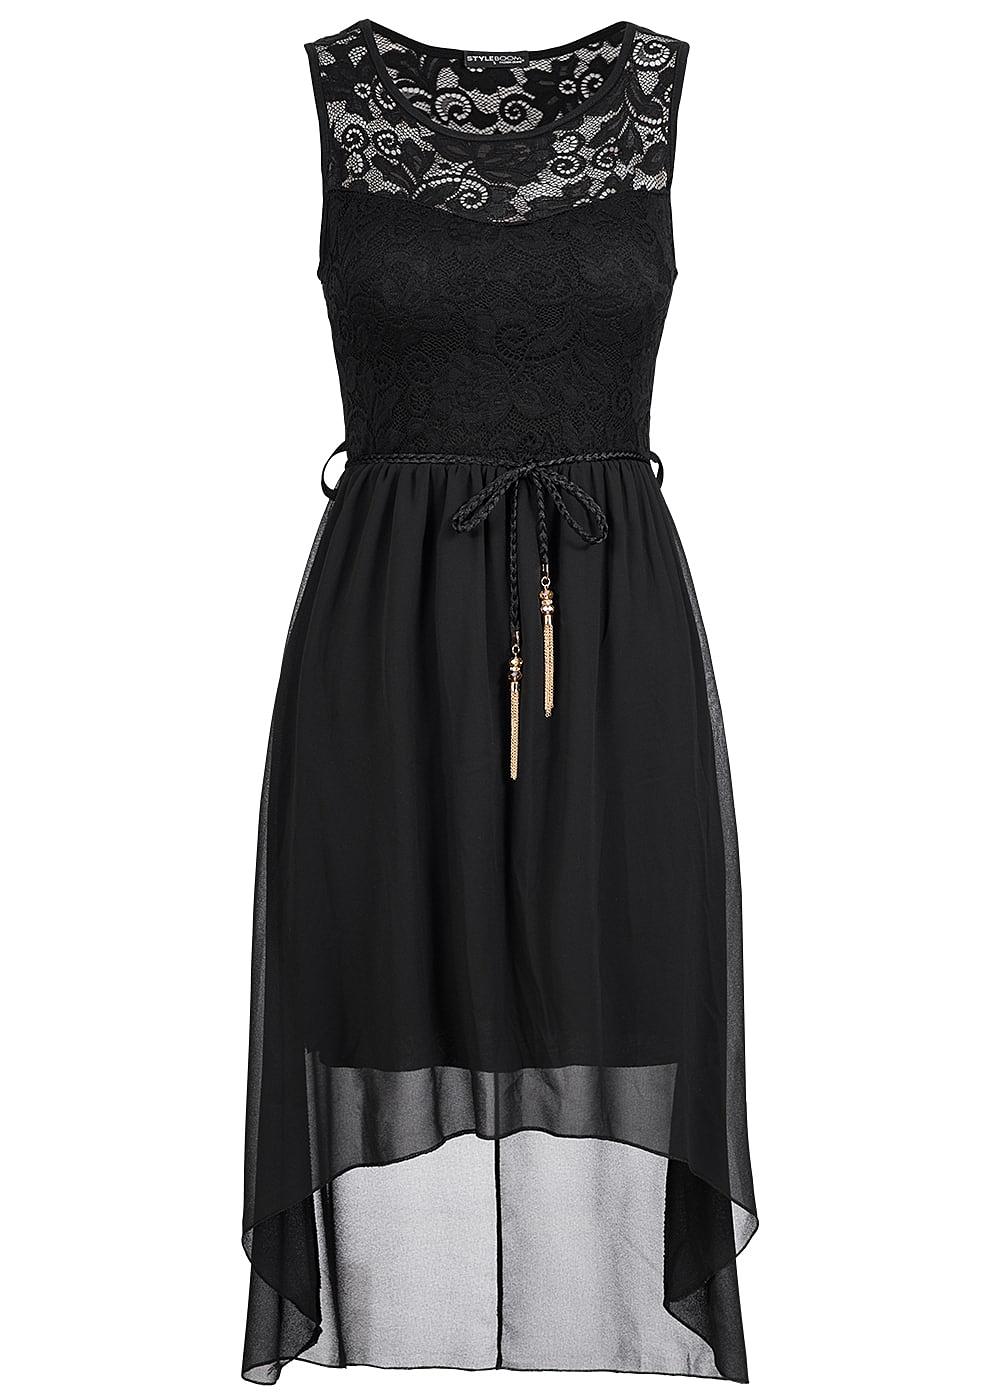 Schwarzes kleid mit spitze oben